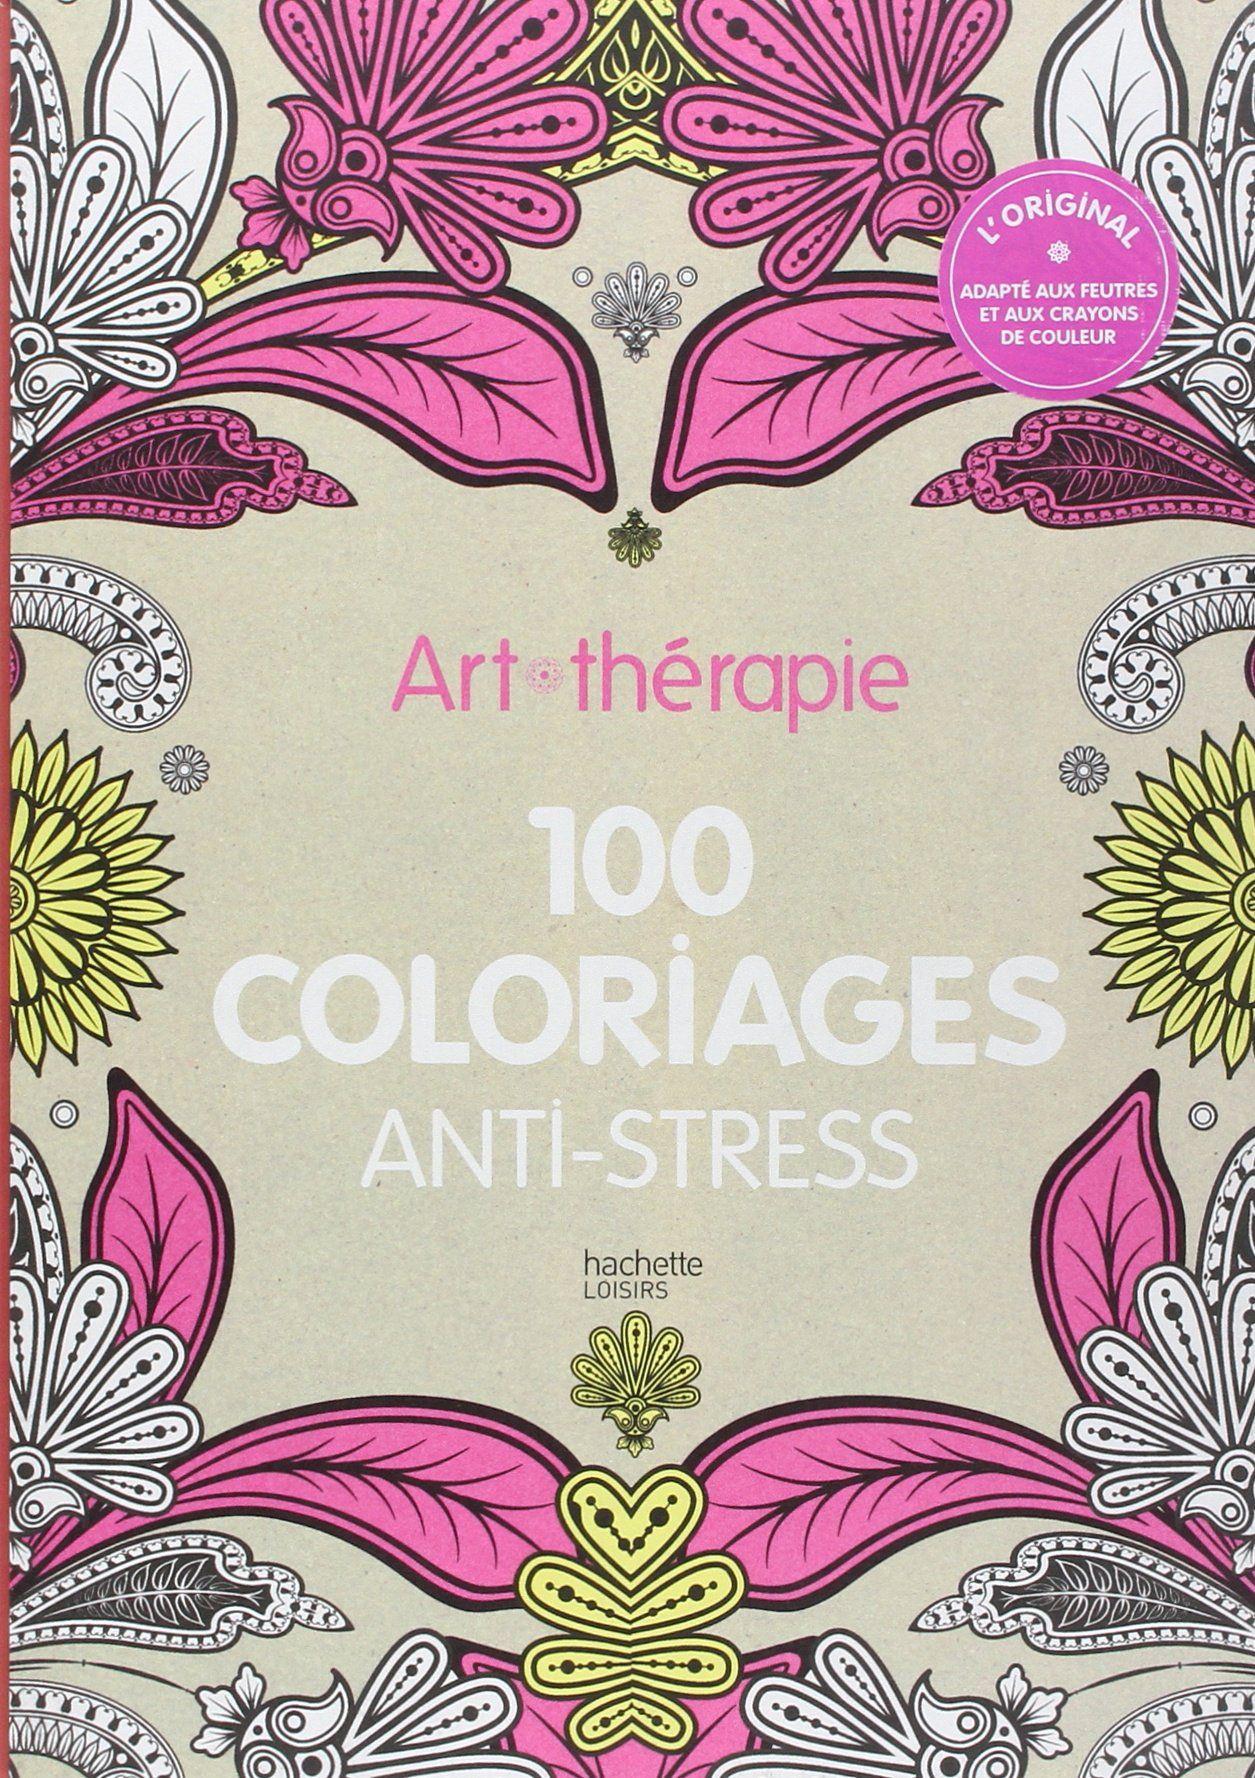 Art-thérapie : 100 coloriages anti-stress: Amazon.de: Collectif: Fremdsprachige Bücher